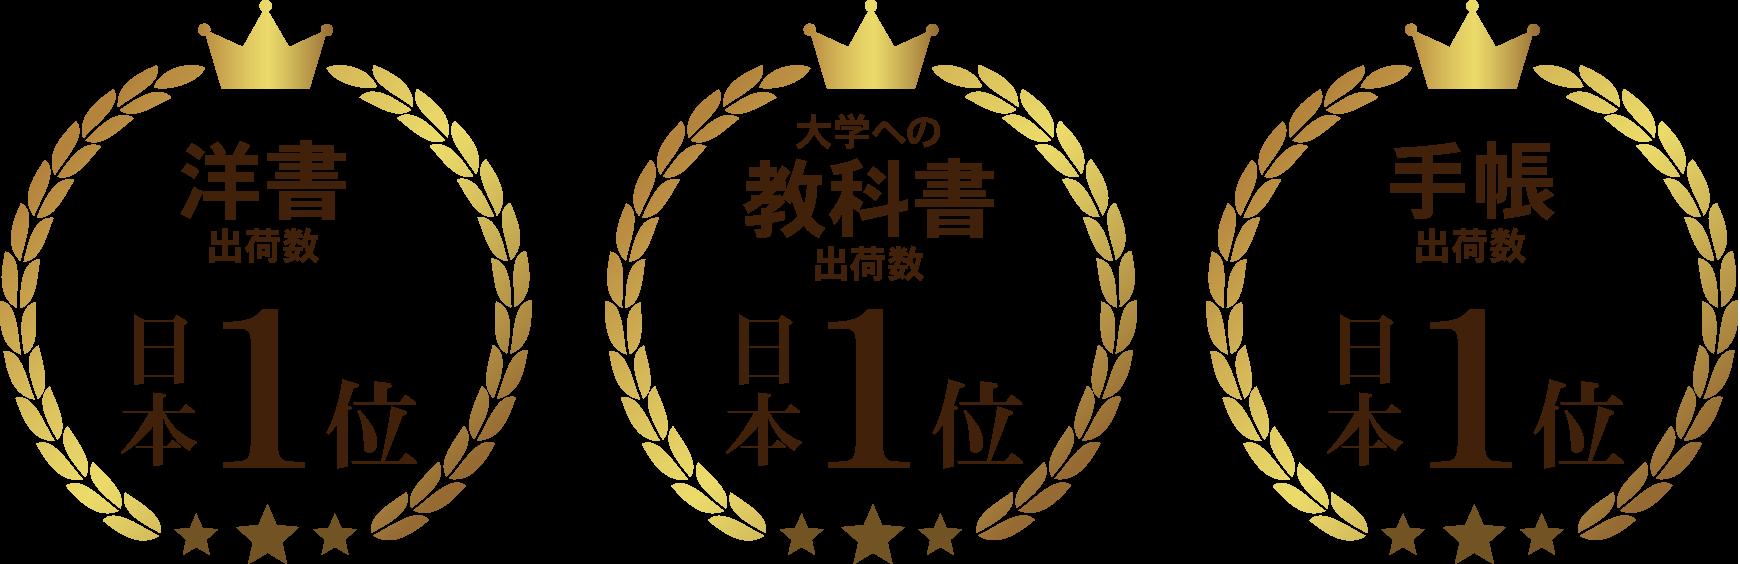 ワタナベ流通 3つの日本一